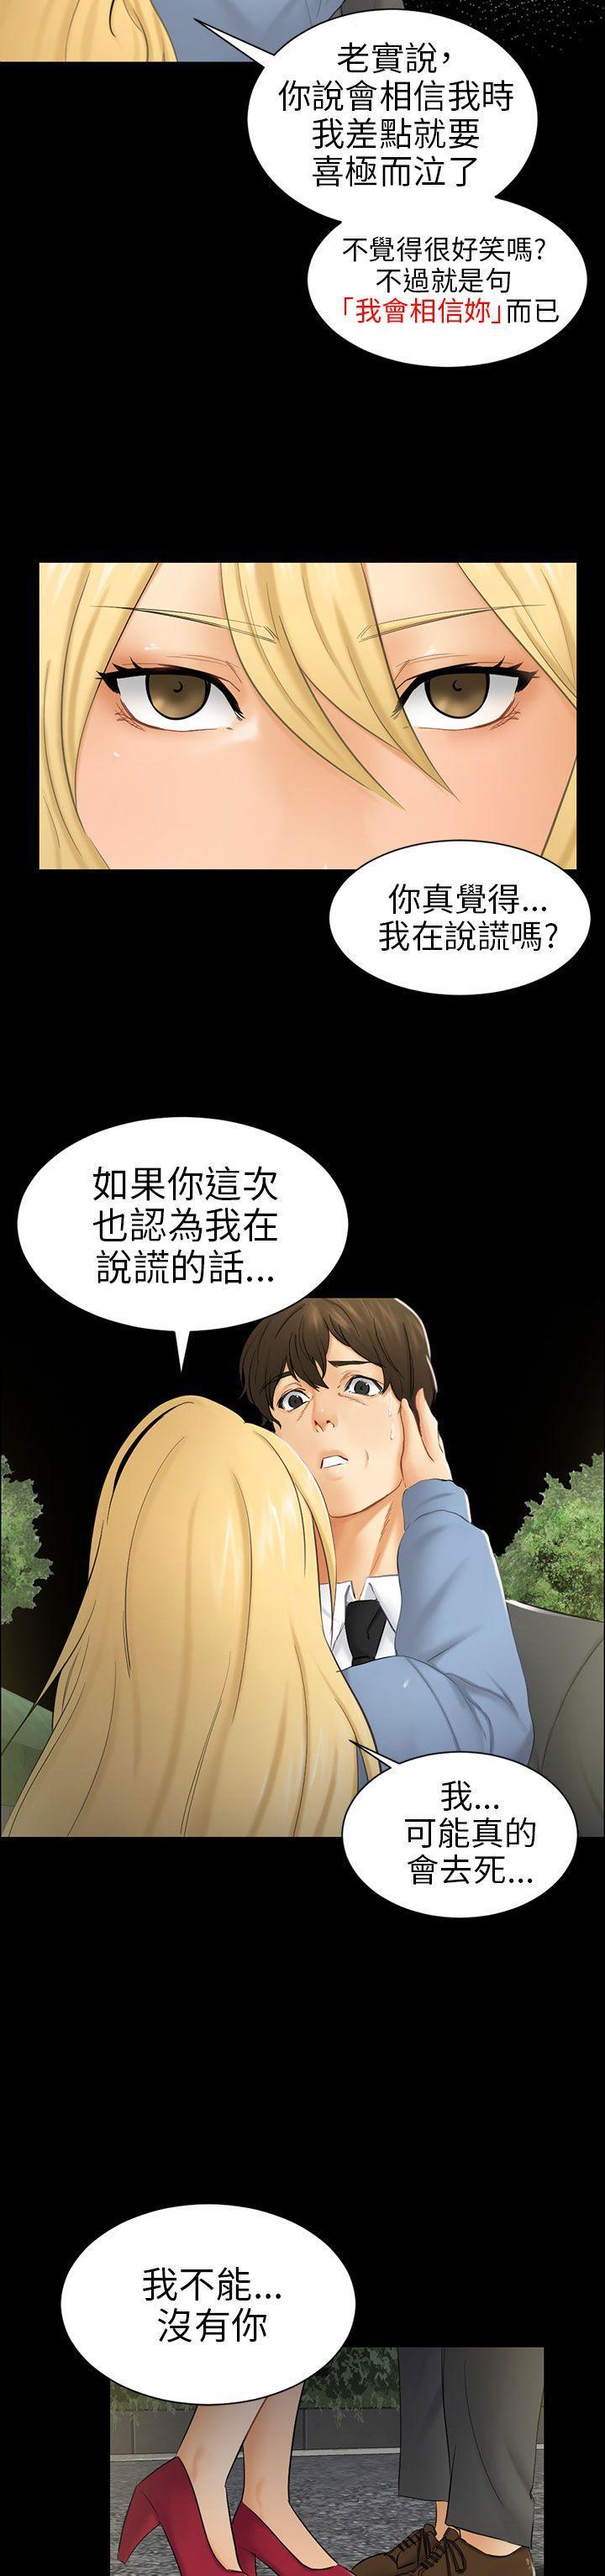 騙局-第8話 裂痕全彩韩漫标签